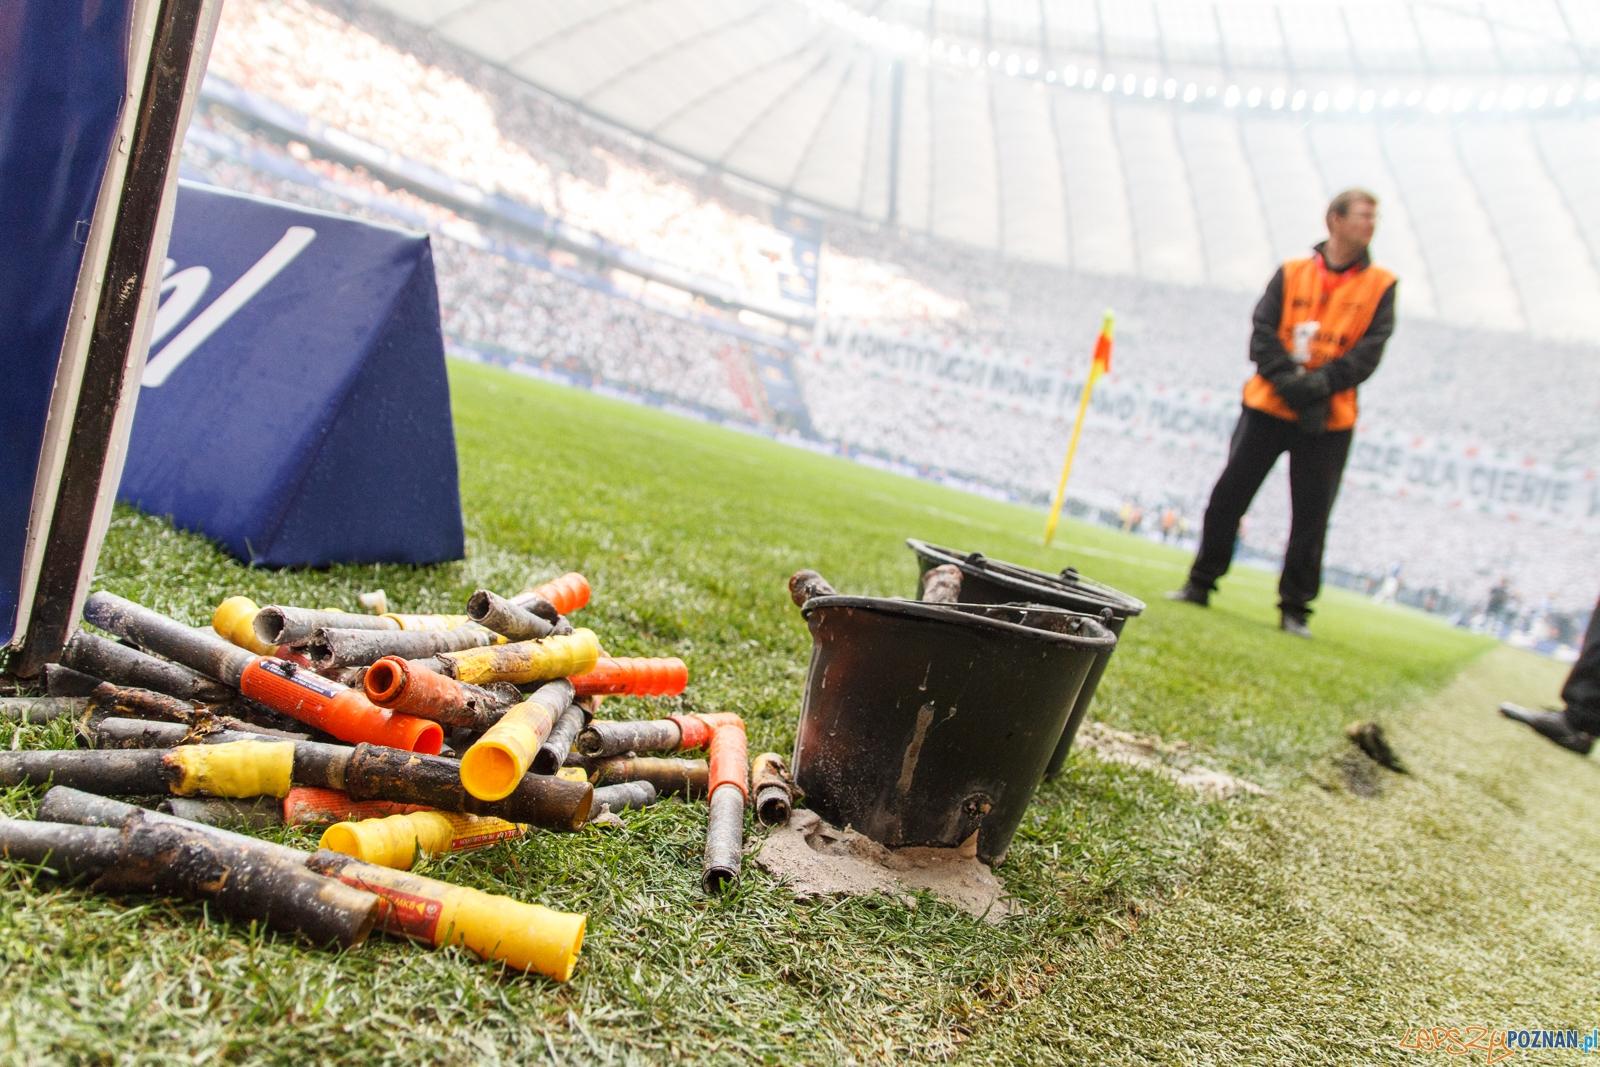 Finał Pucharu Polski: Lech Poznań - Legia Warszawa 0:1 02.05.2  Foto: LepszyPOZNAN.pl / Paweł Rychter